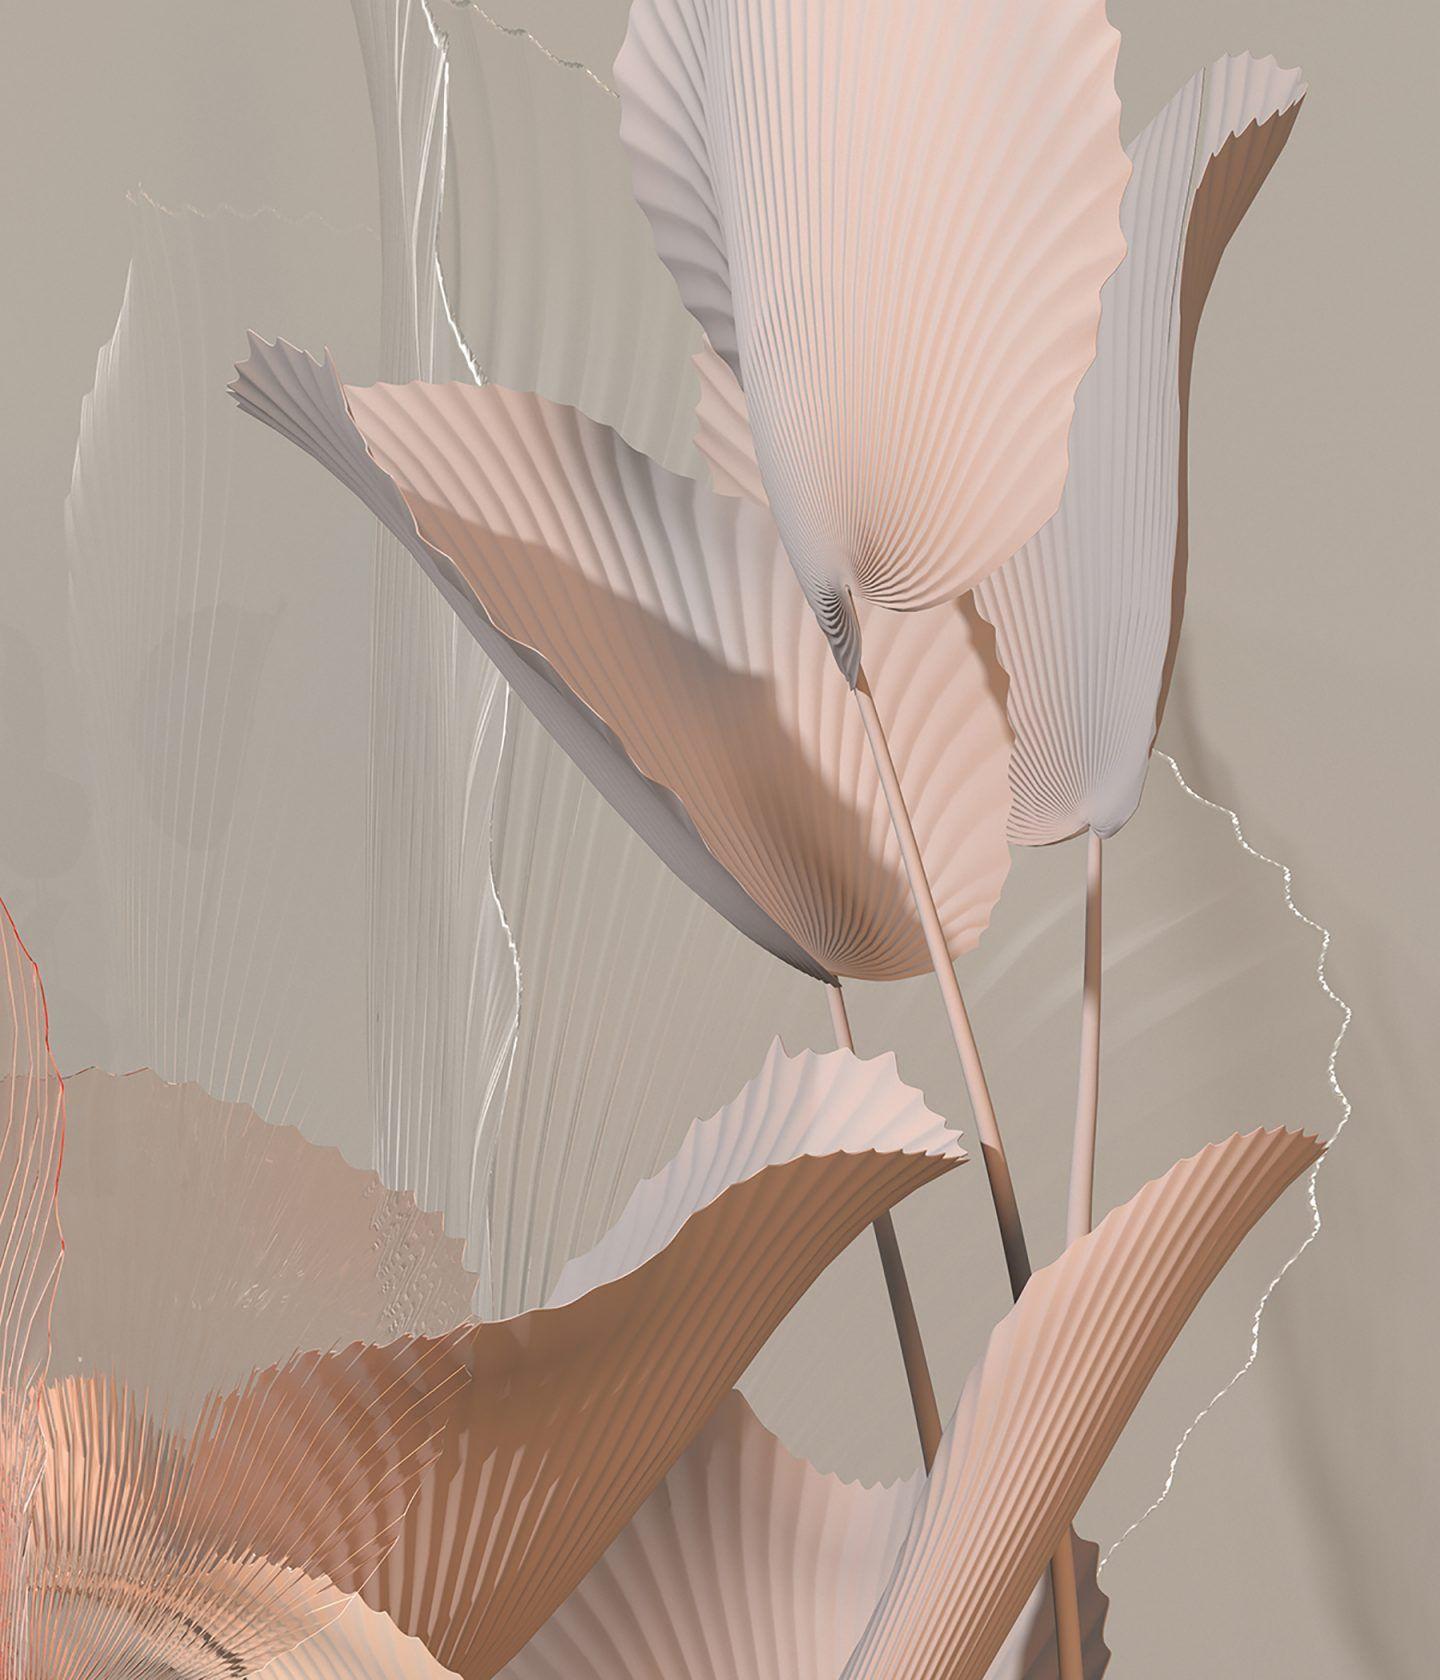 IGNANT-Art-Anders-Brasch-Willumsen-Digibana-5